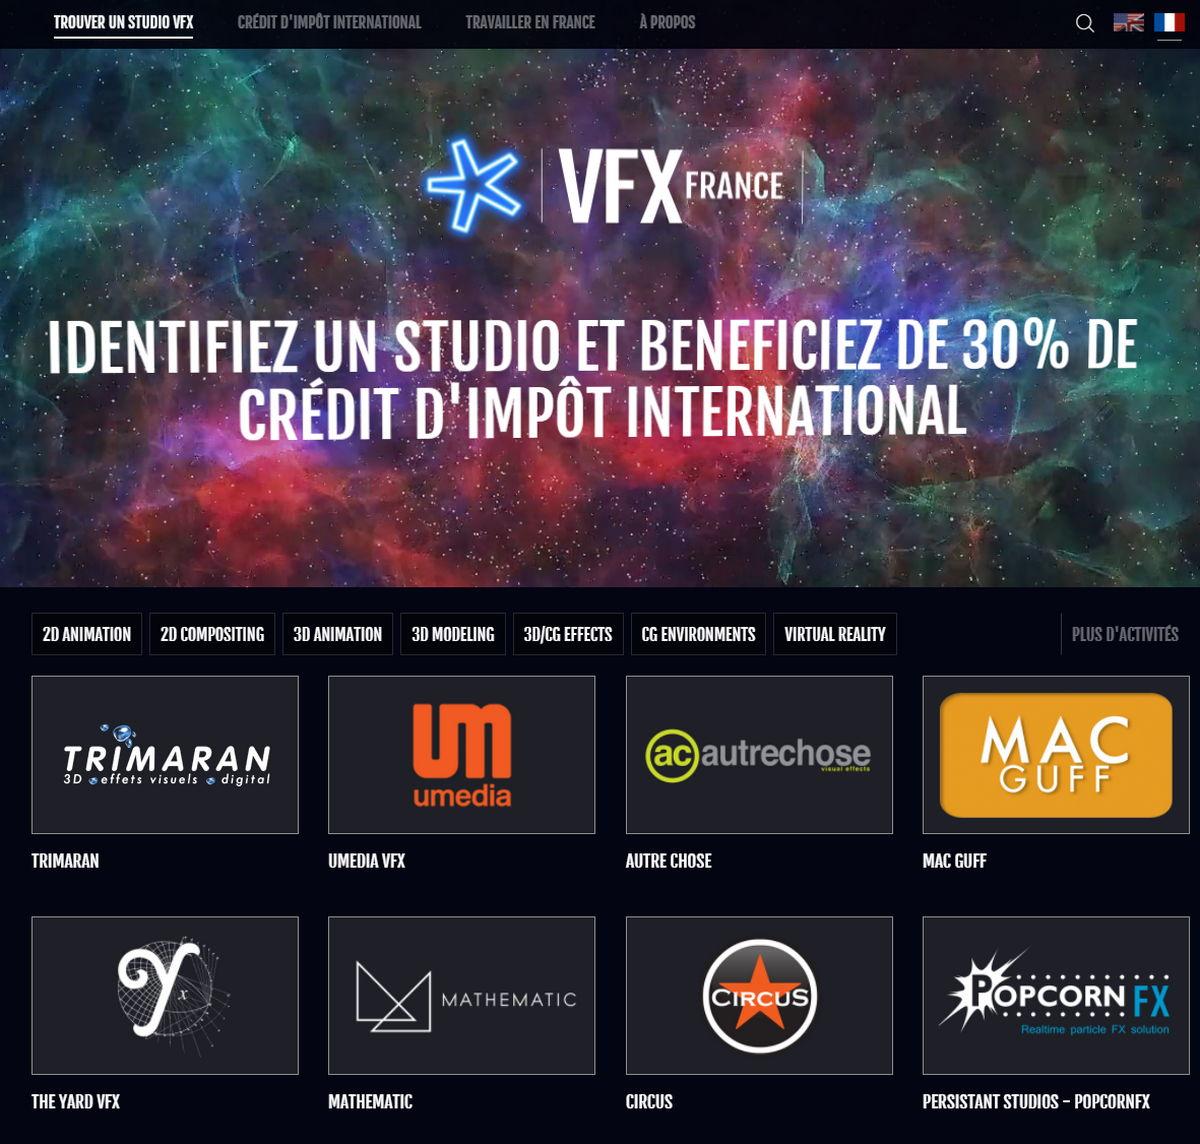 VFX France